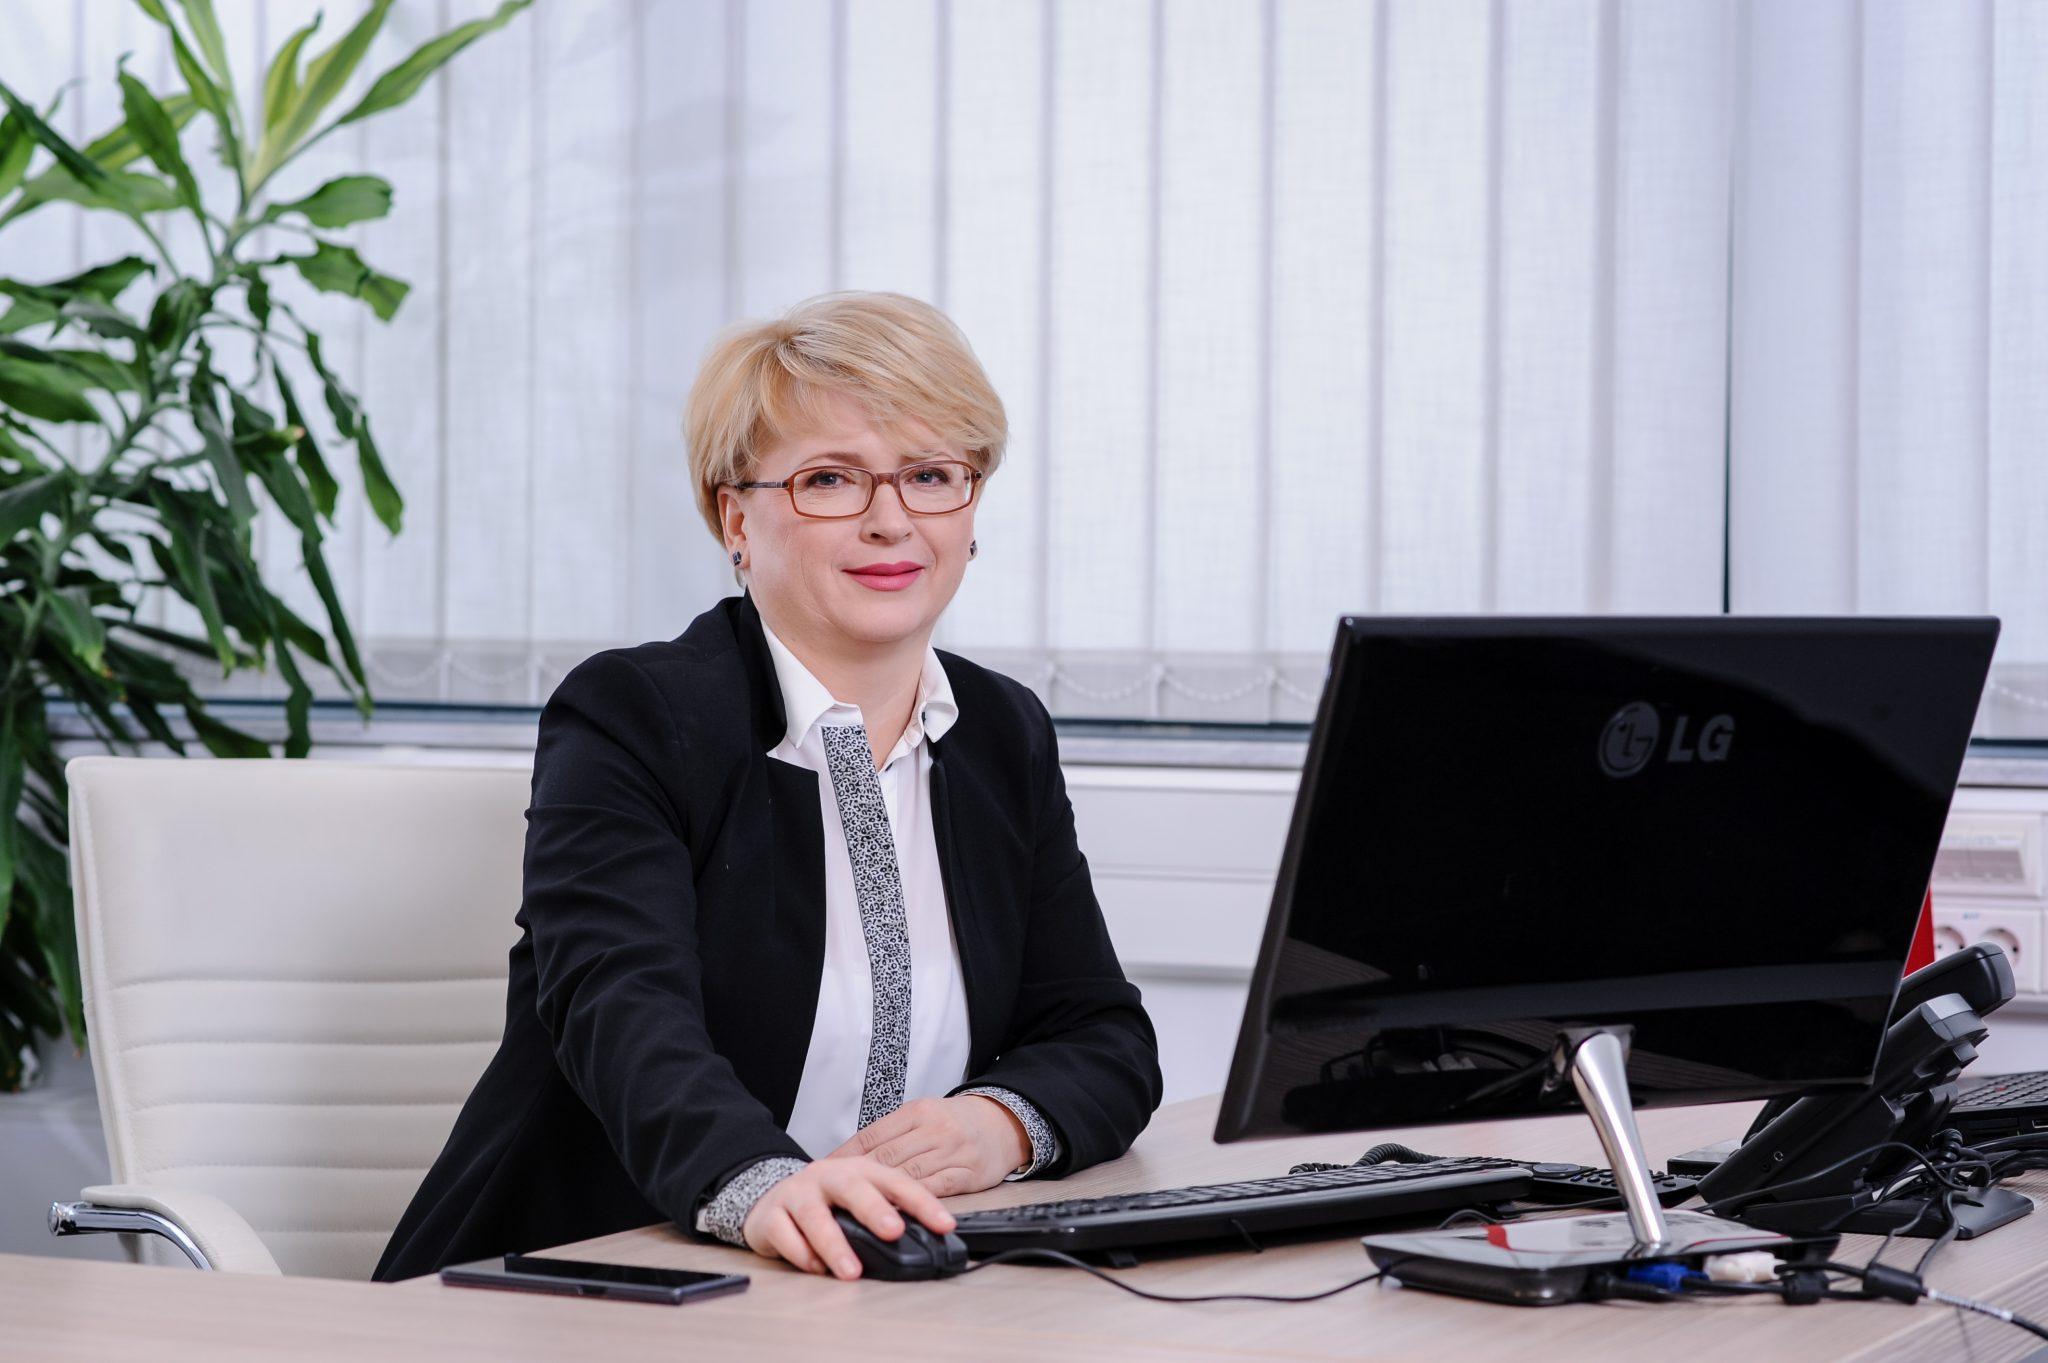 Slađana Babić novi direktor kompanije Blicnet